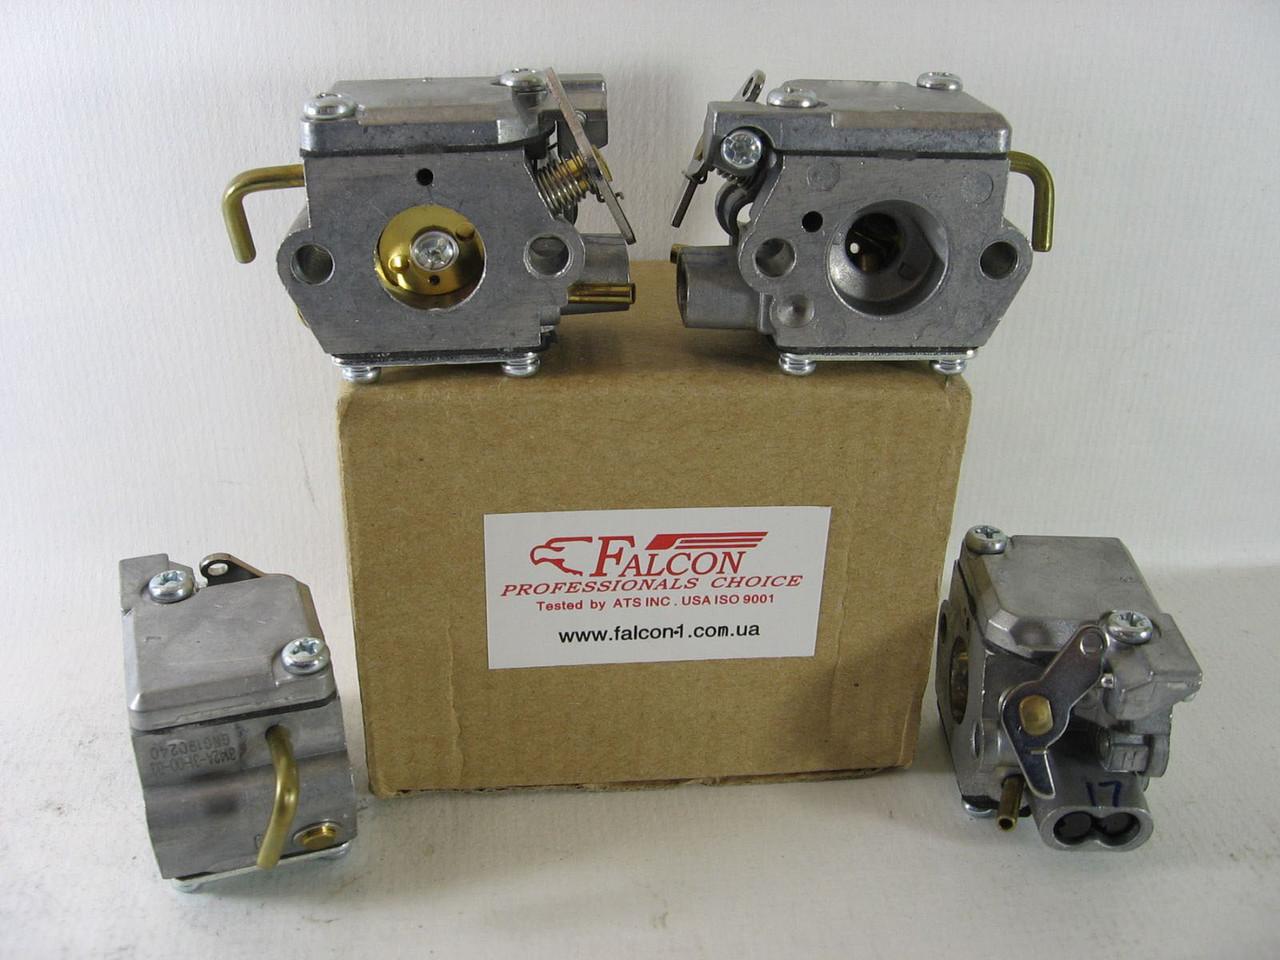 Карбюратор MTD 780 Y Walbro WT-827 WT-827-1 WT-149A WT-275 WT-340-1 WT-454 WT-682, Ryobi, МТД (753-05133)